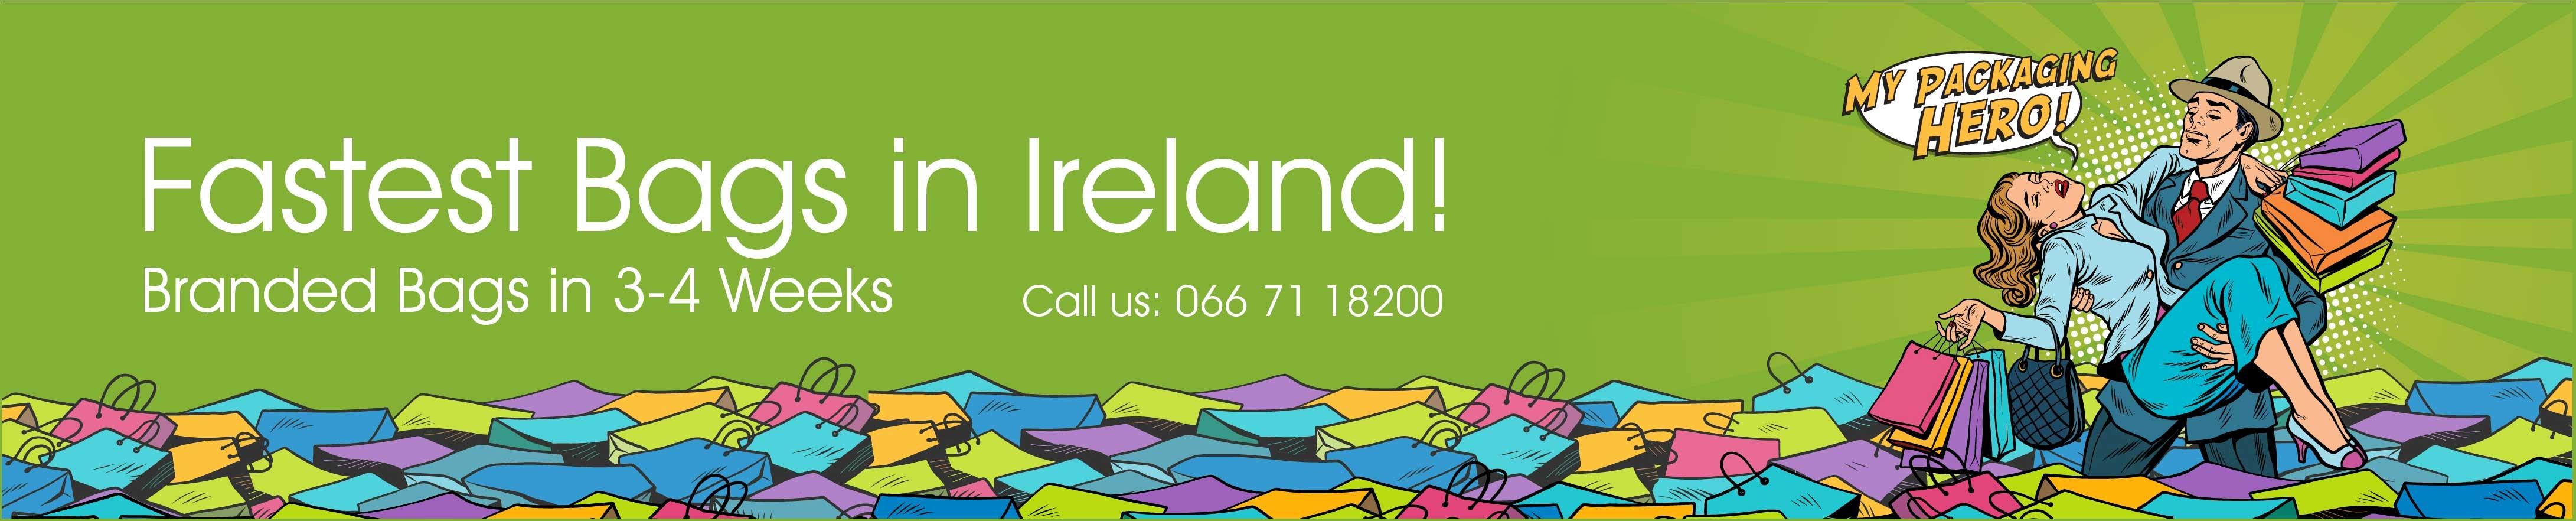 Custom Printed Paper Bags Ireland